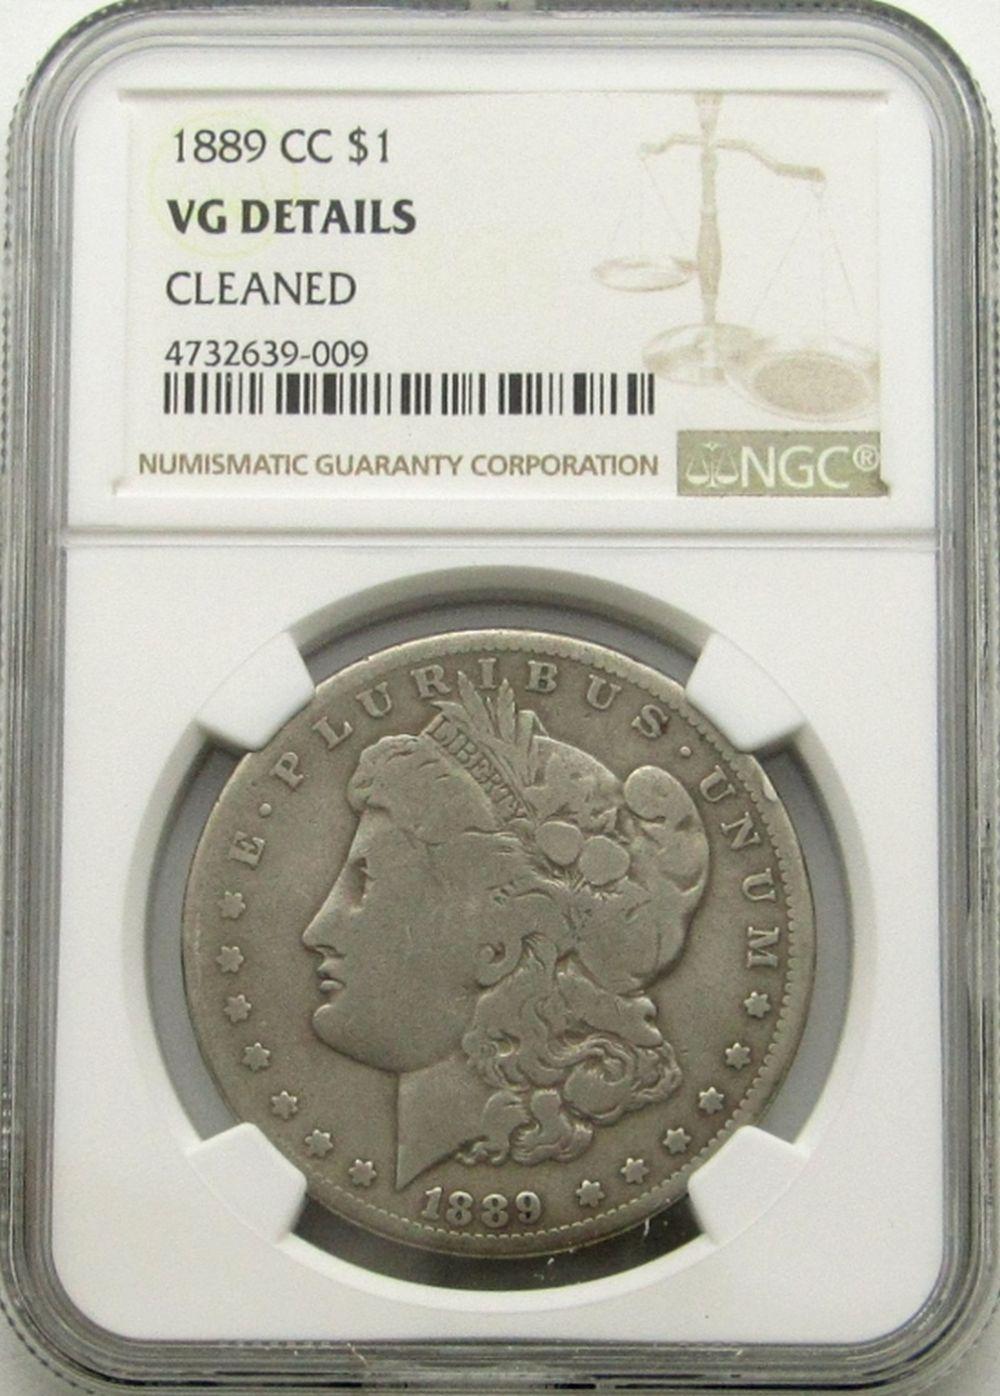 1889 CC MORGAN DOLLAR NGC VG